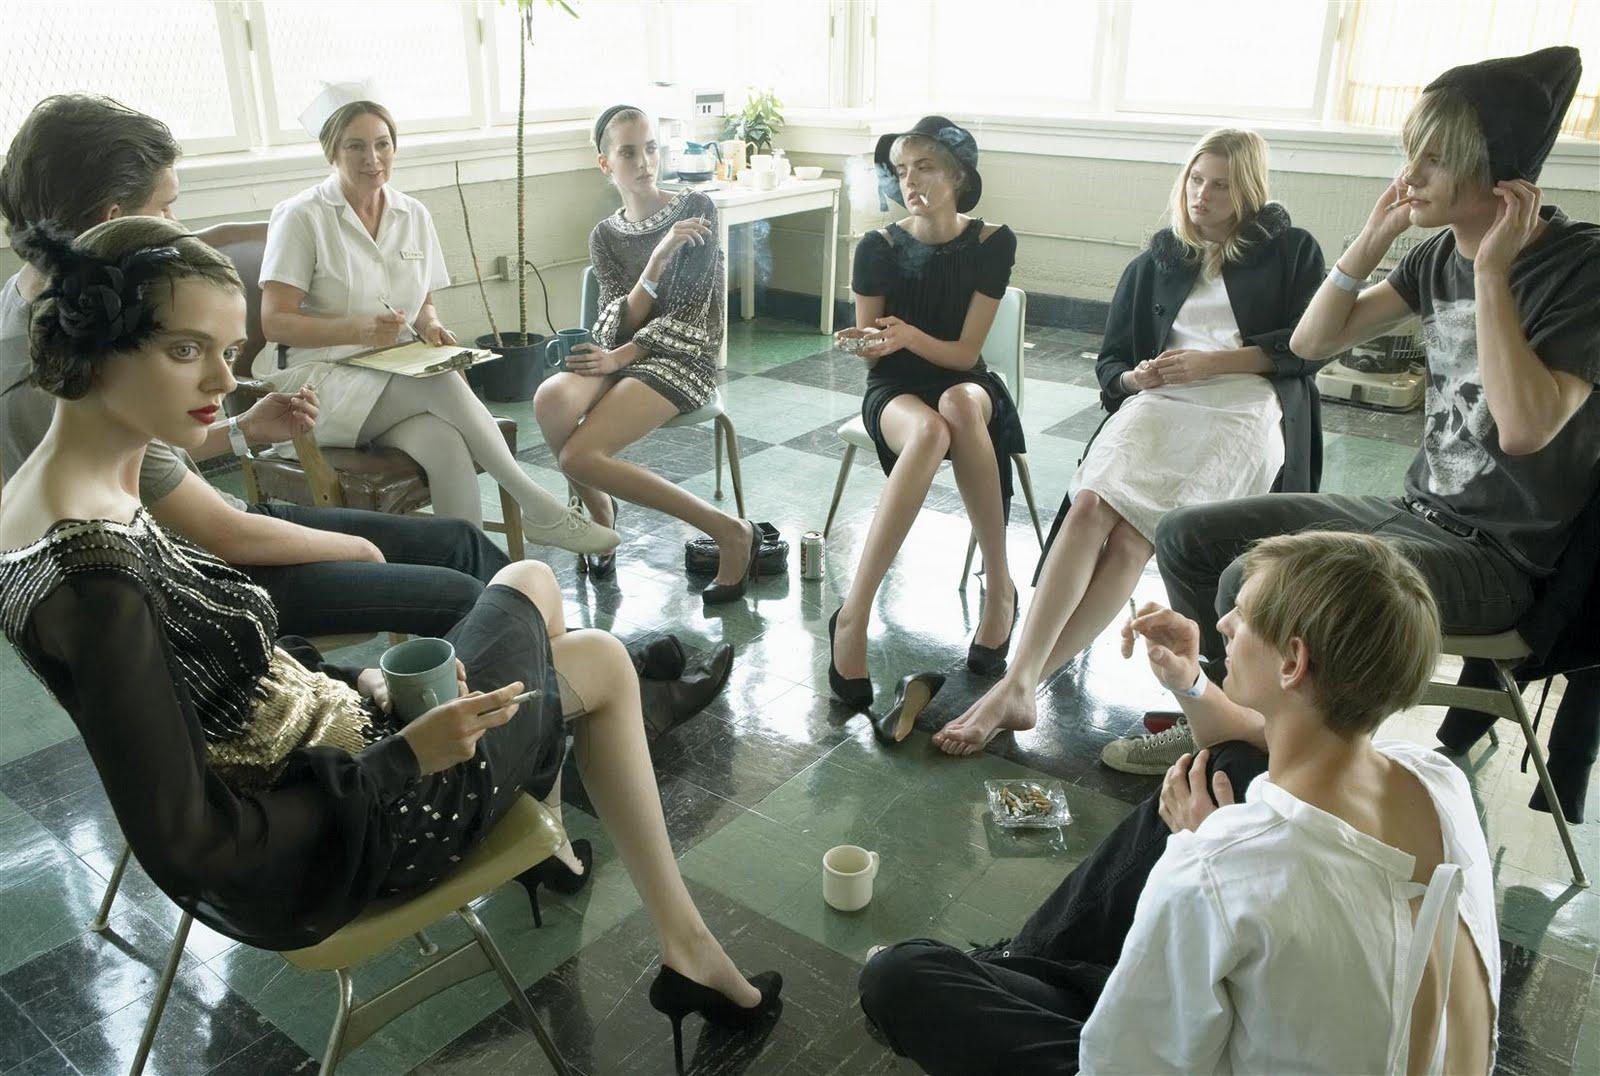 Рассказы секс в психиатрической больнице 19 фотография